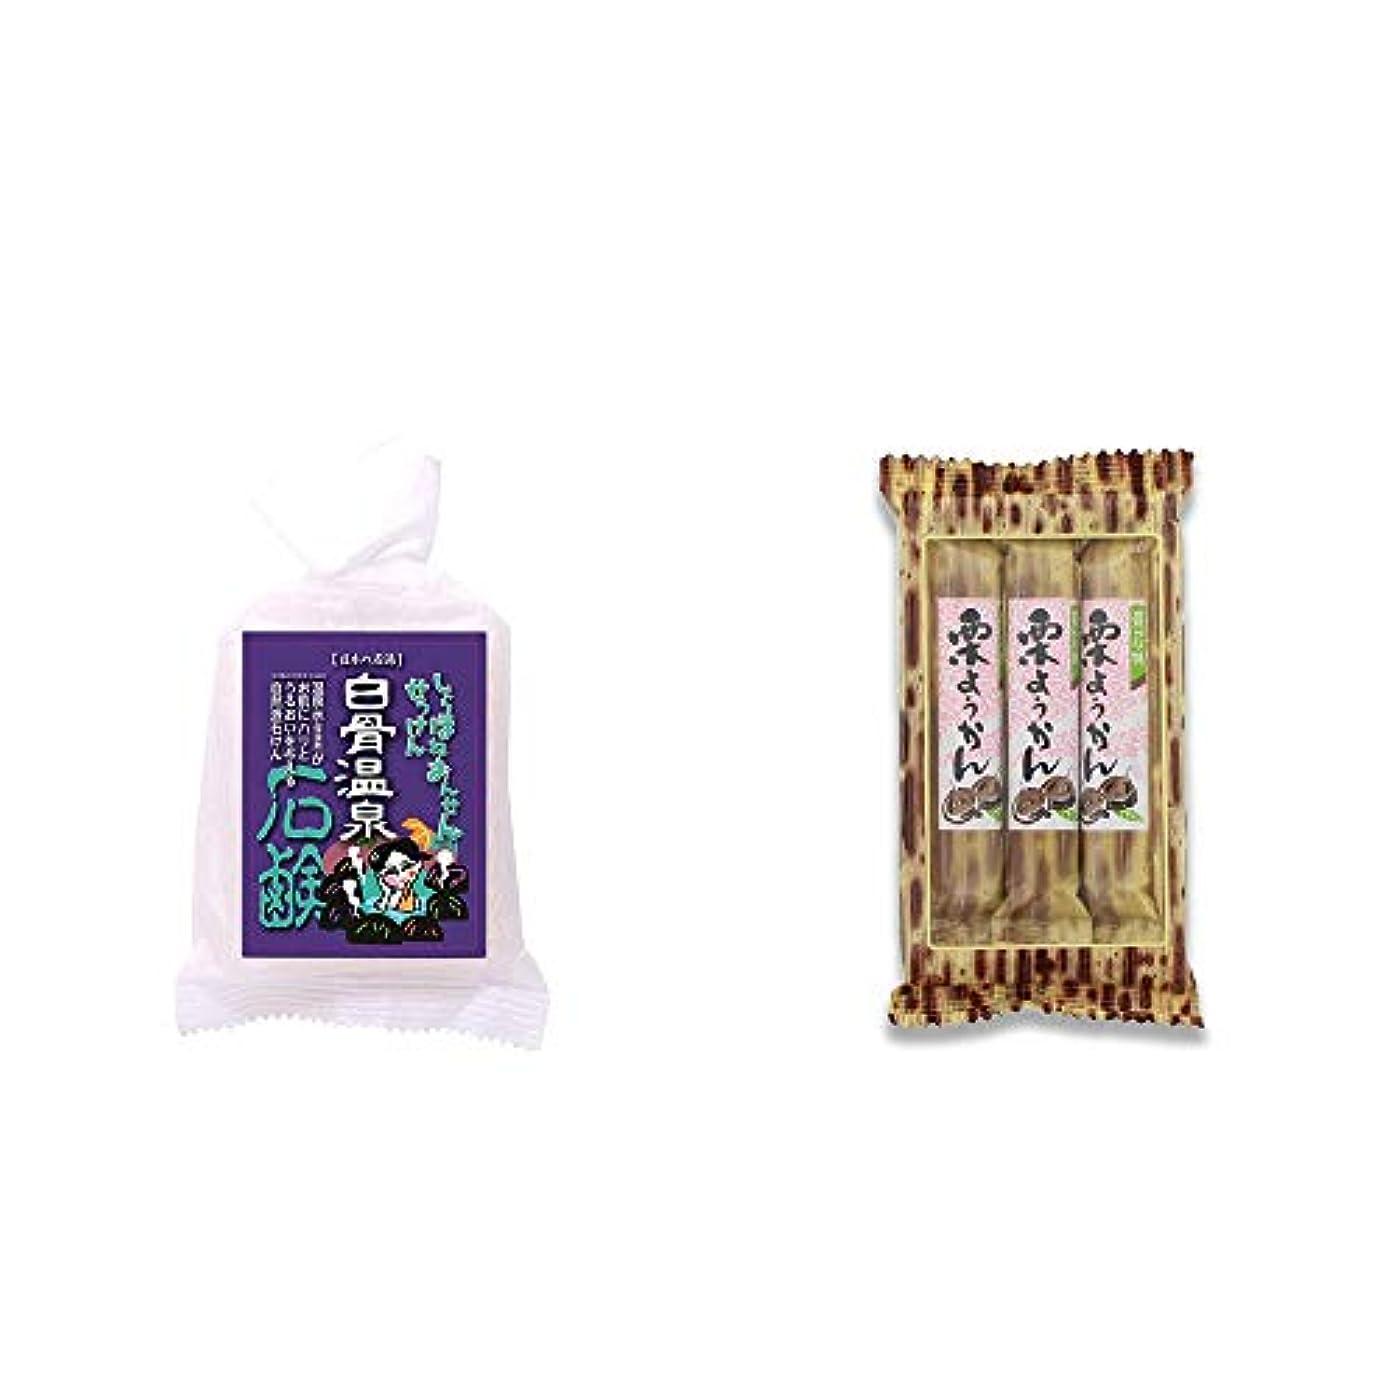 健全シリング数値[2点セット] 信州 白骨温泉石鹸(80g)?スティックようかん[栗](50g×3本)